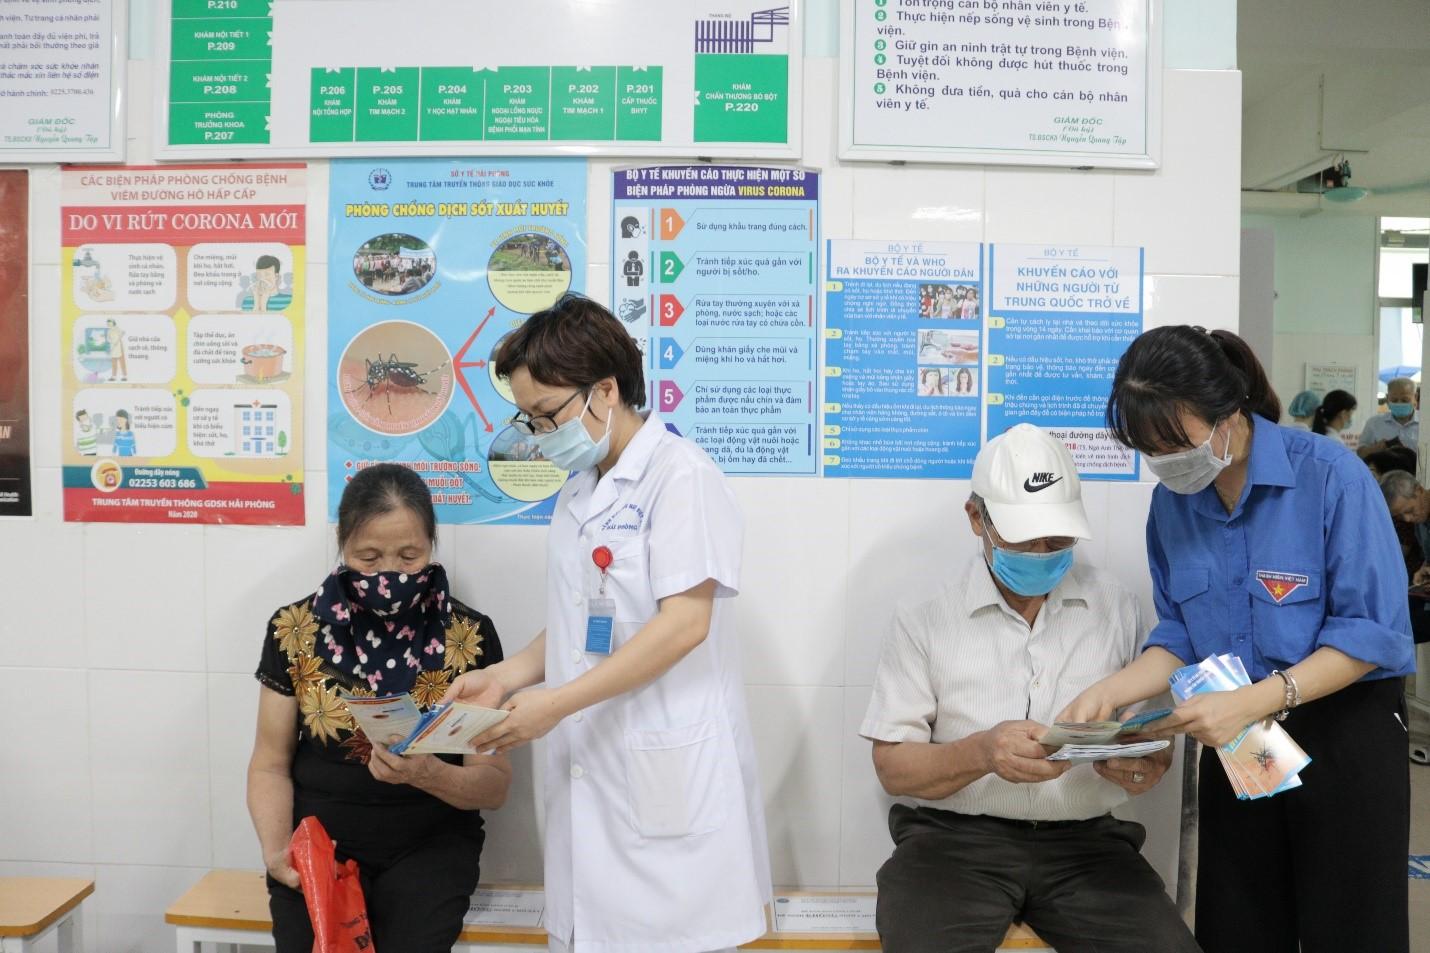 Năm 2021, Đà Nẵng sẽ giảm 5-10% tỷ lệ mắc và tử vong do bệnh truyền nhiễm